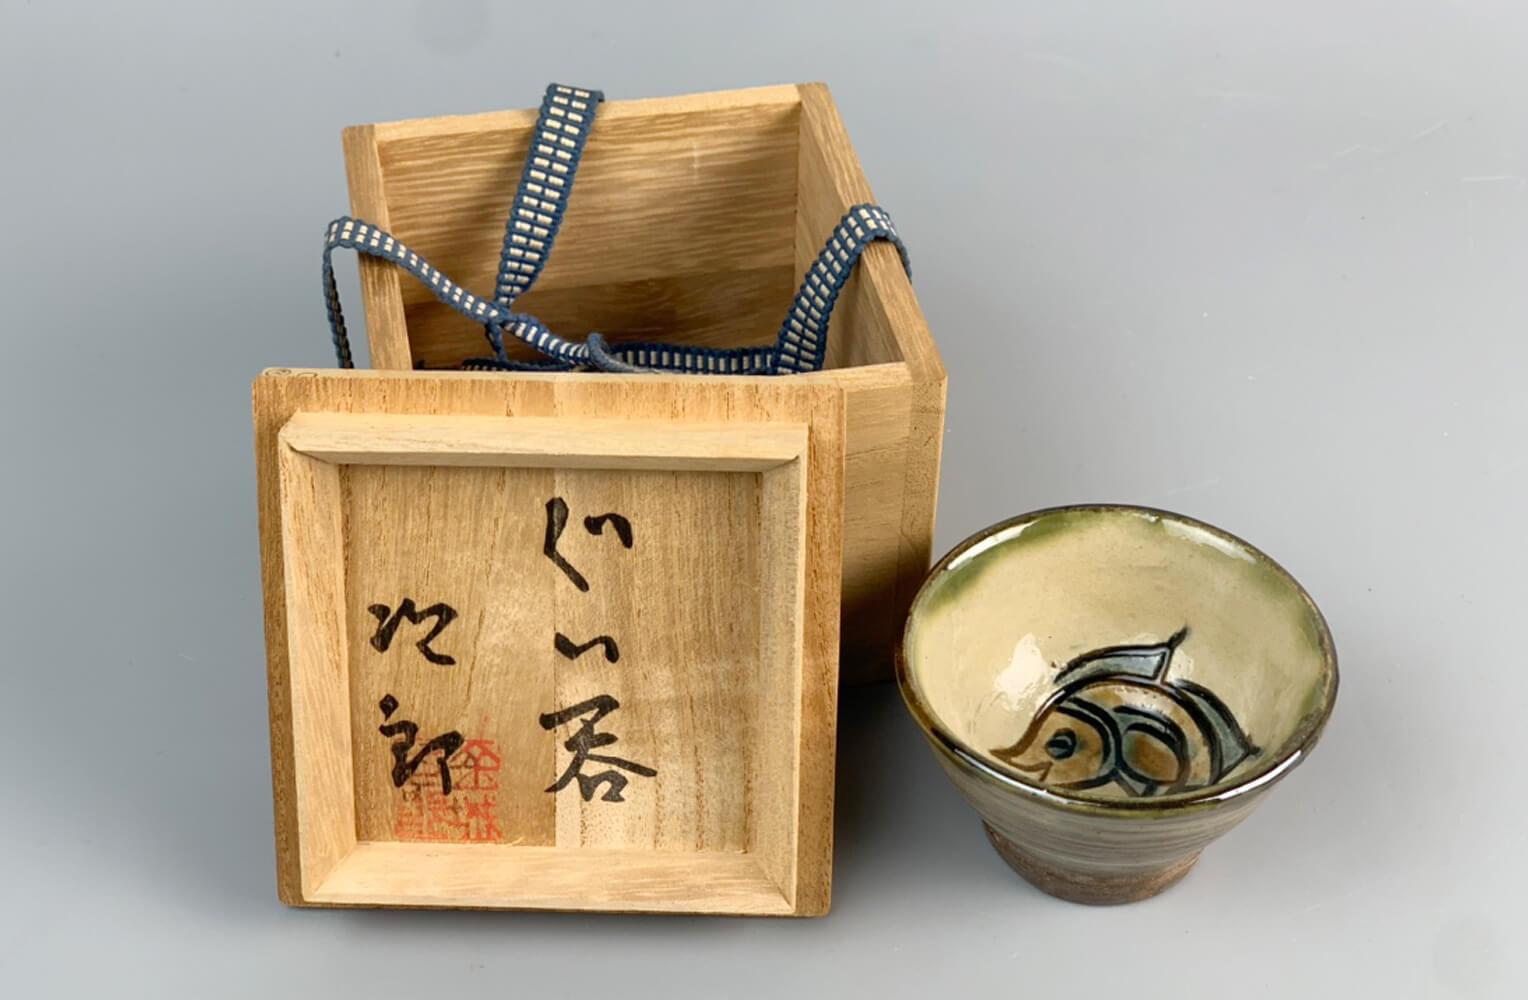 金城次郎「ぐい呑み」商品画像